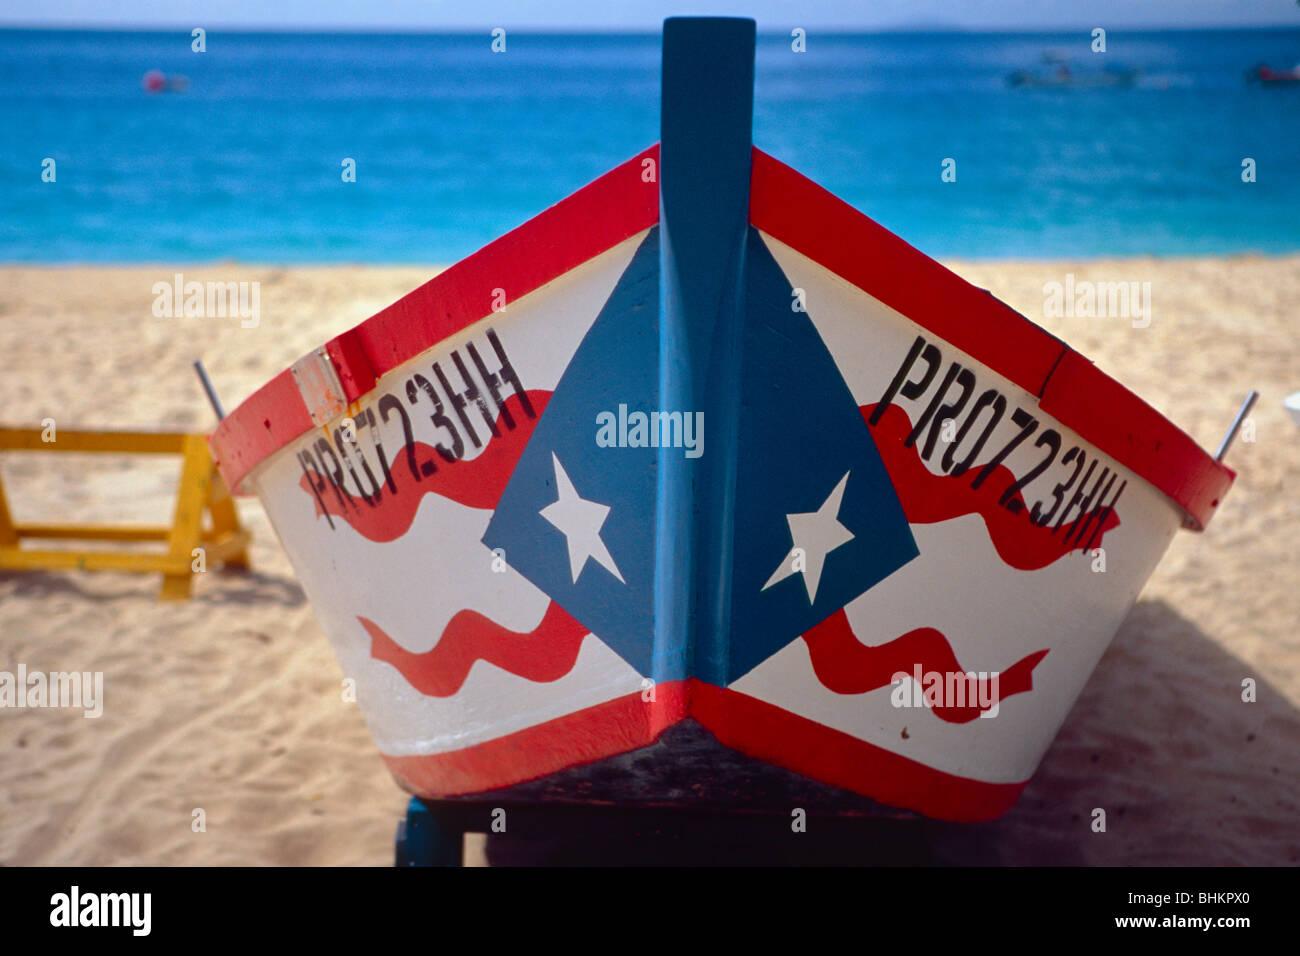 Frontalansicht eines puertoricanischen Fischerbootes Stockbild